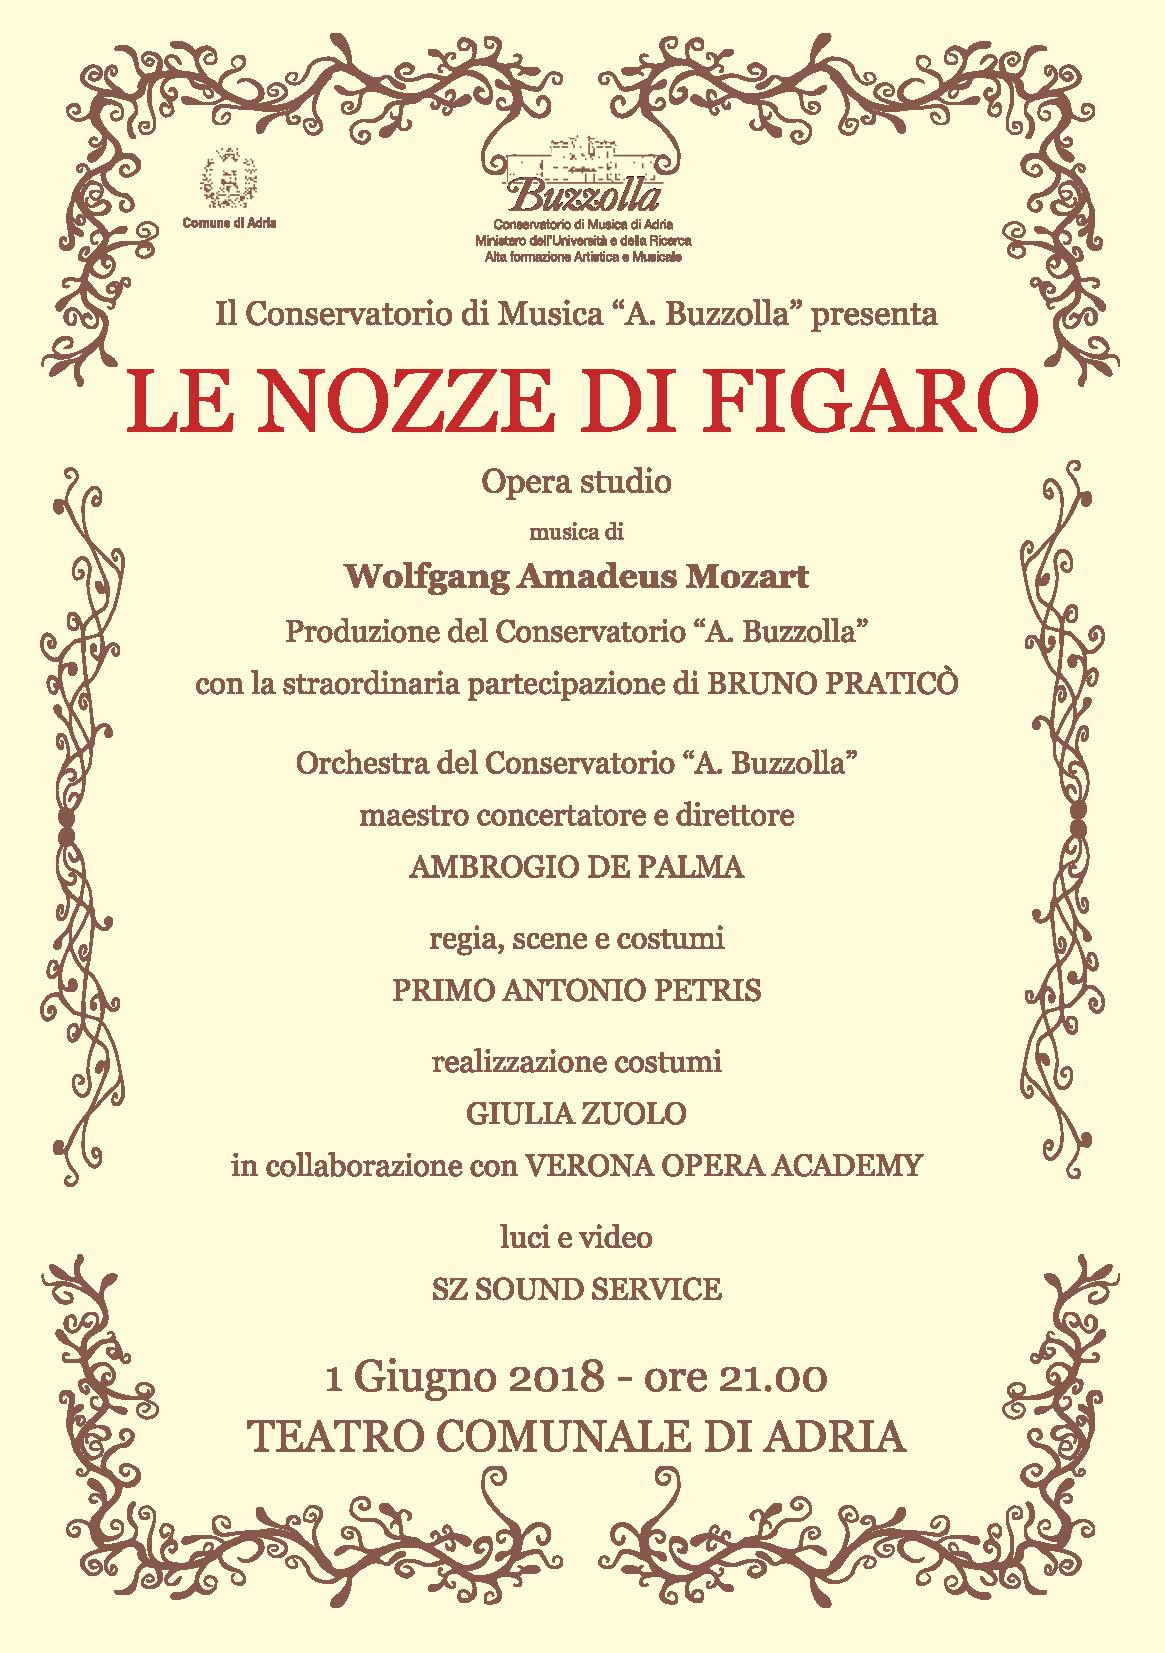 1 giugno 2018 – Le Nozze di Figaro – Teatro Comunale, Adria